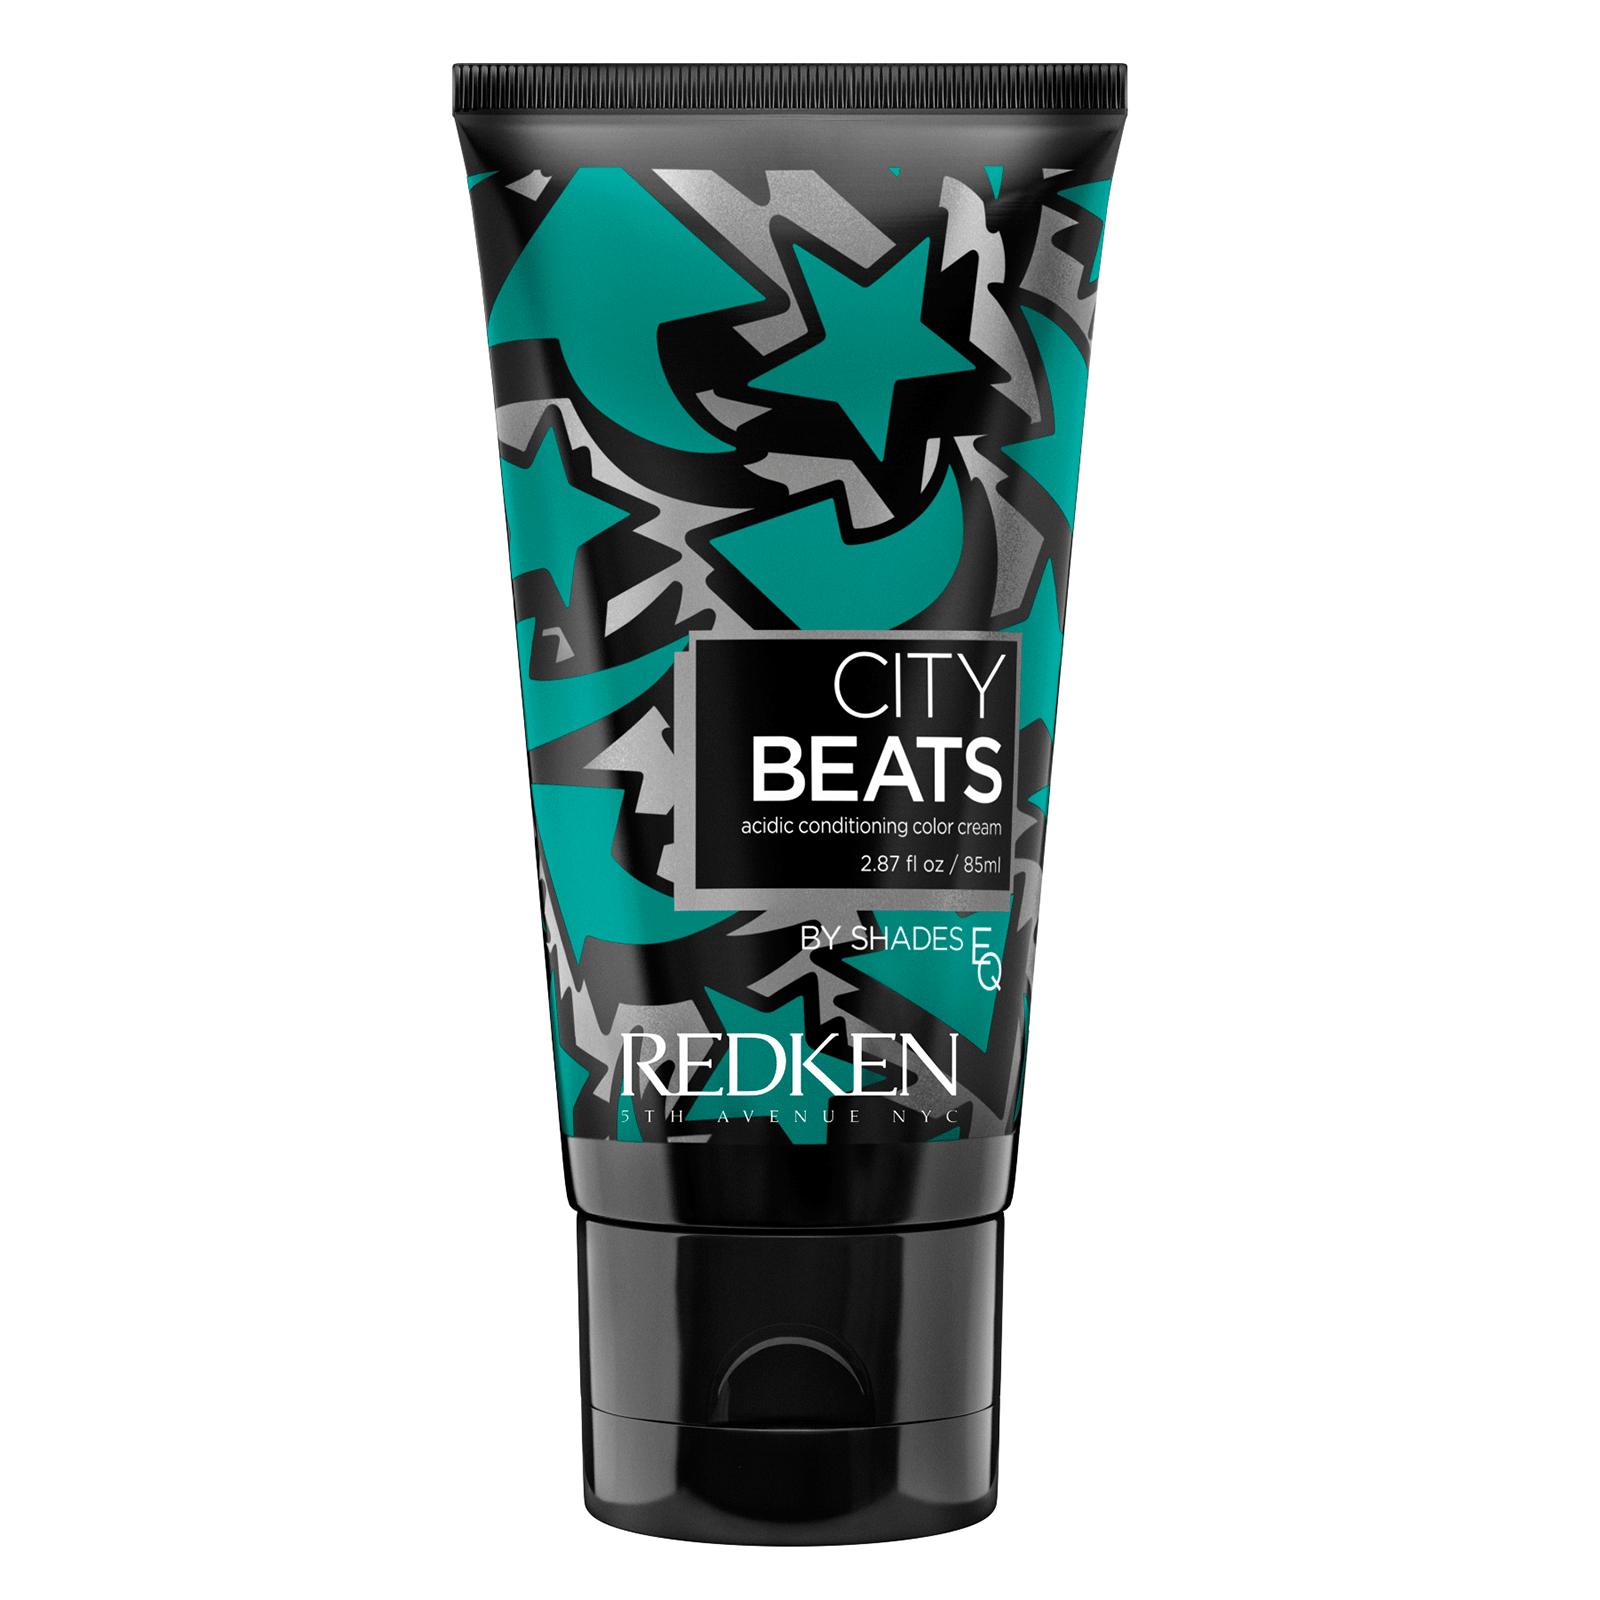 REDKEN Крем с тонирующим эффектом для волос Неоново-изумрудный Таймс-Сквер (зеленый) / CITY BEATS 85 мл